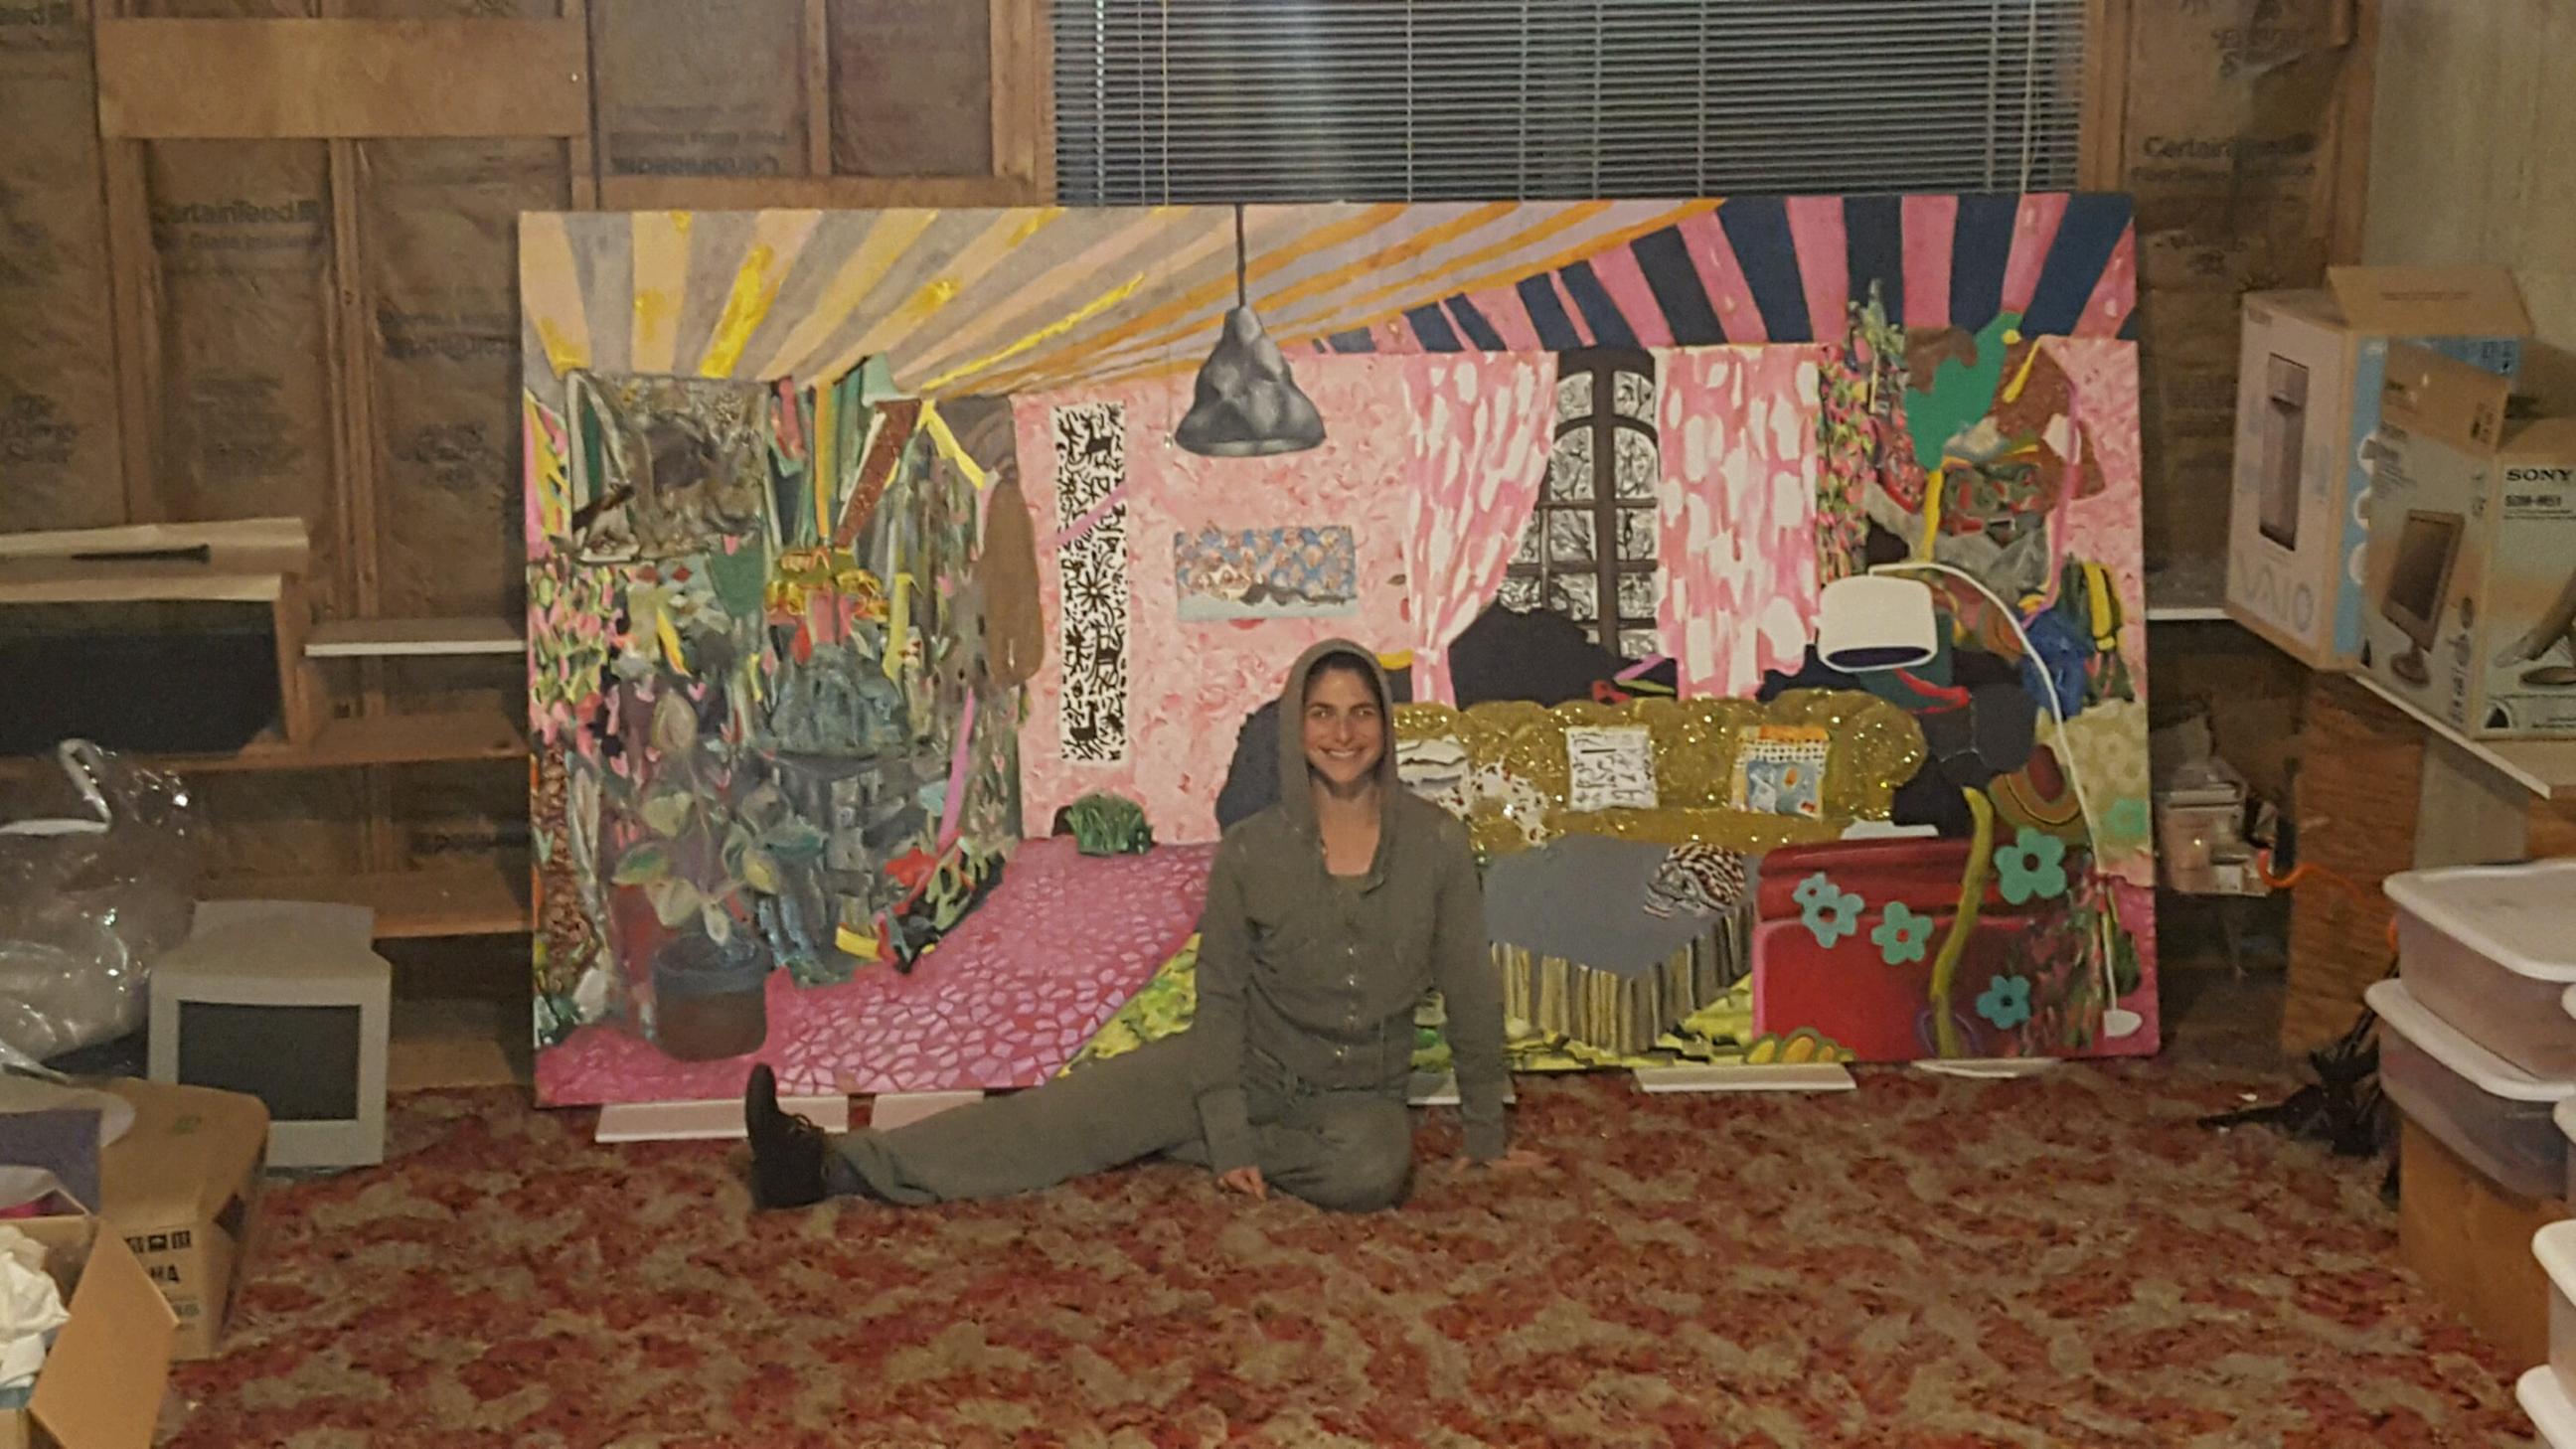 Waltham Bedroom in Manhasset 70's Ba